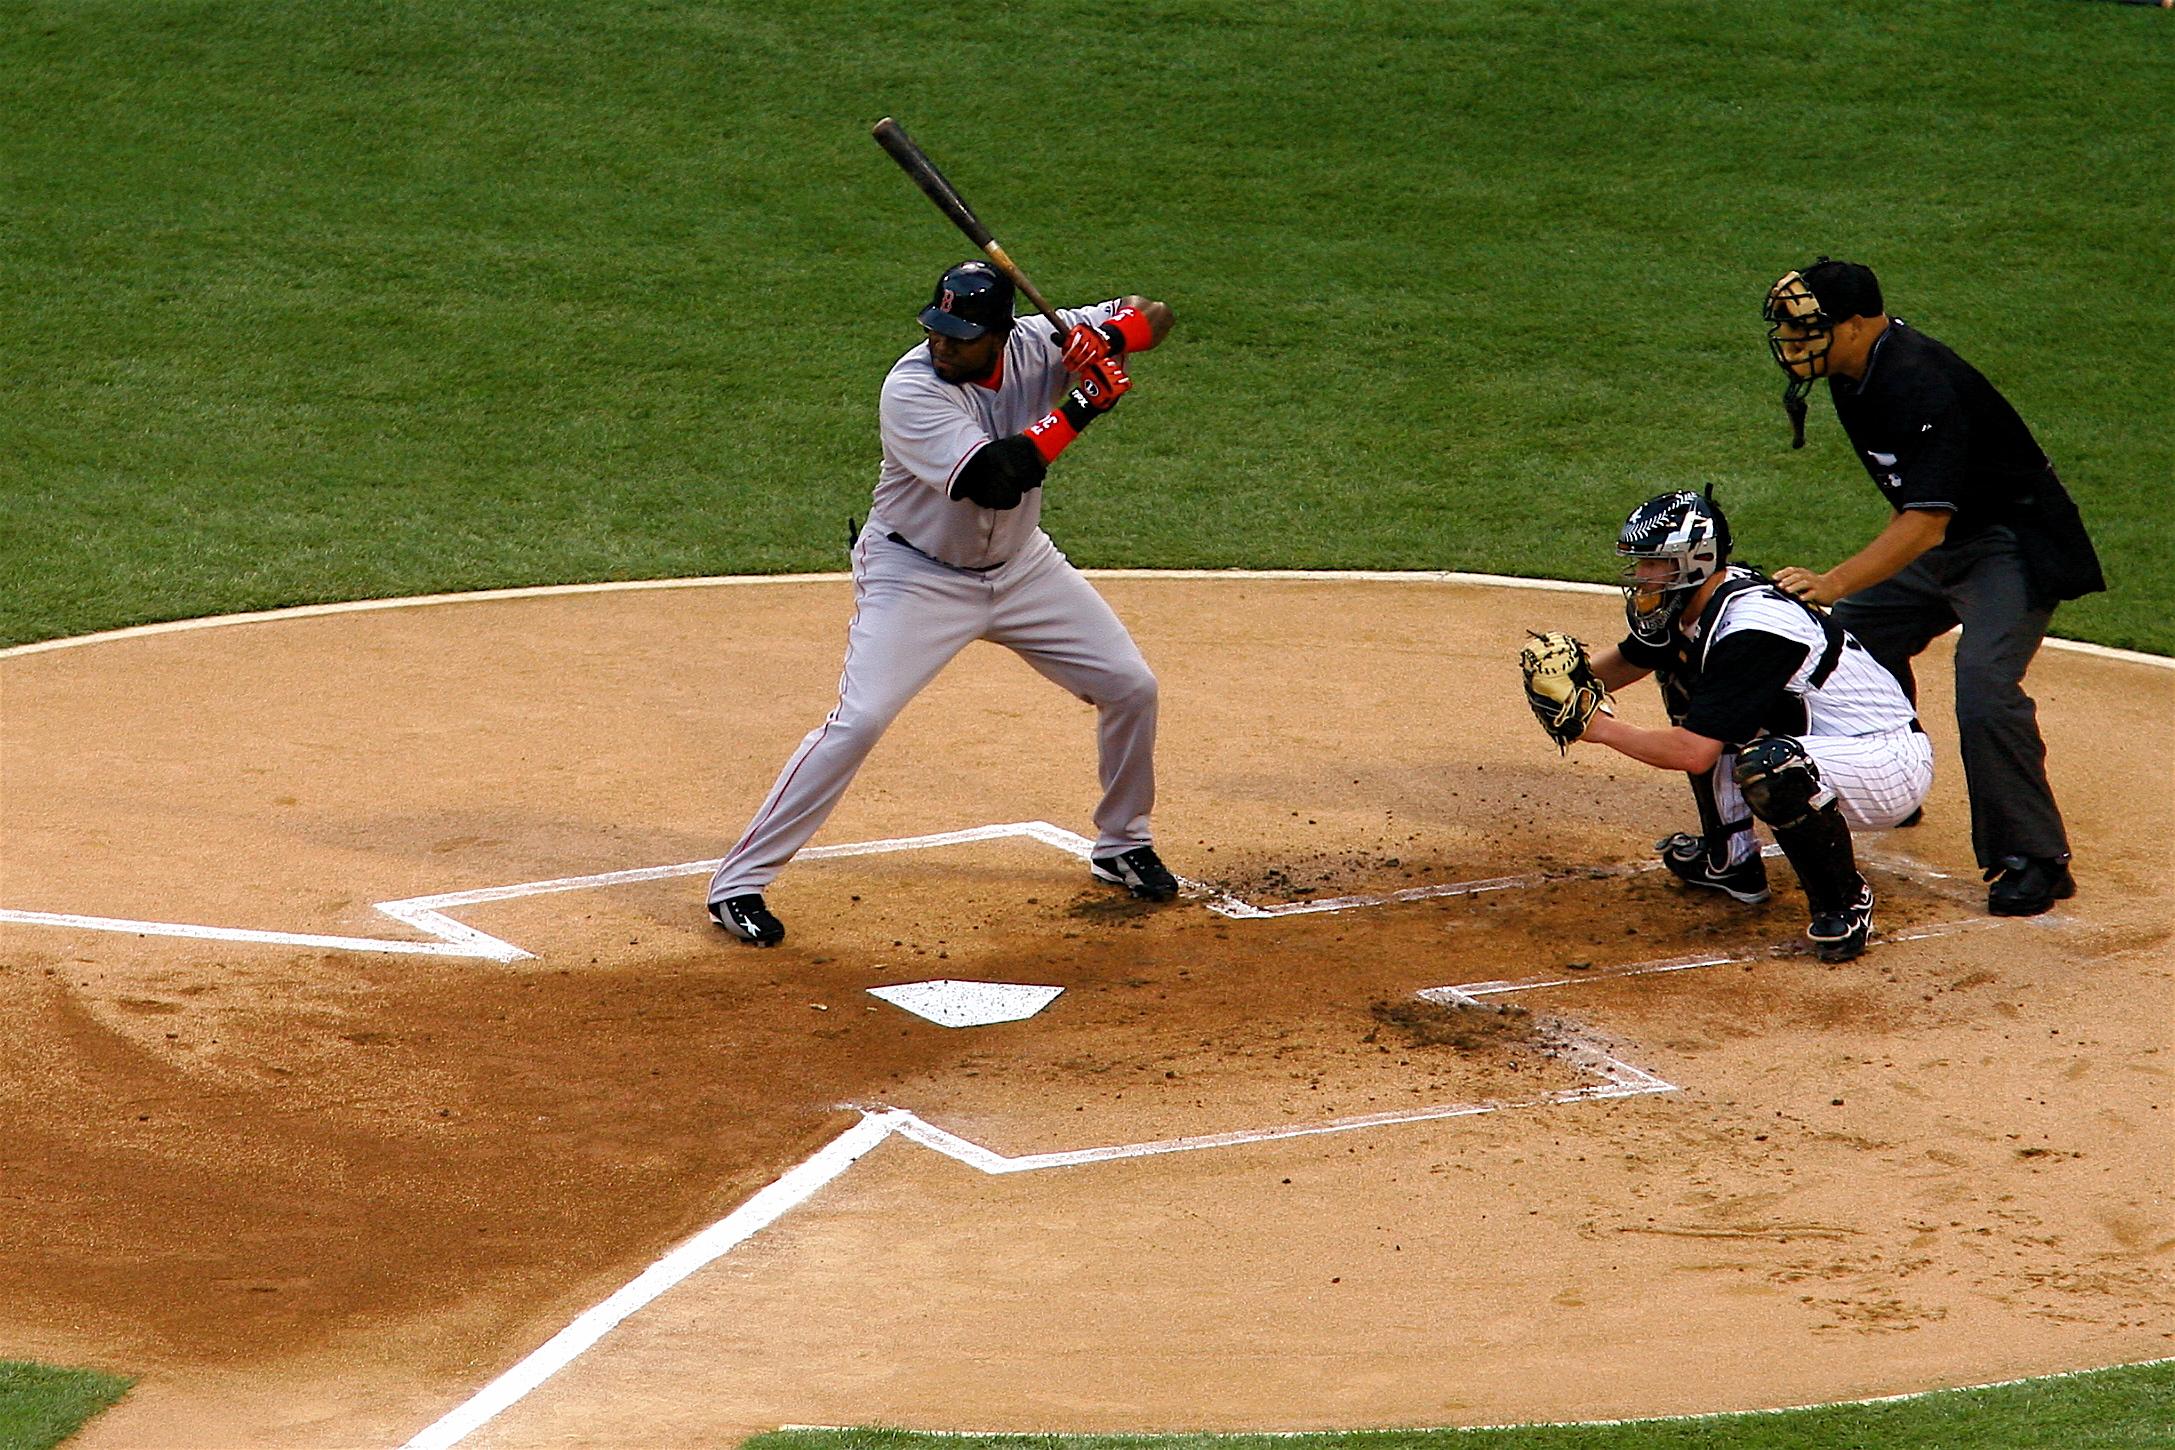 แทงเบสบอลออนไลน์ กฏกติกาการเดิมพันกีฬาออนไลน์บนเว็บ SBOBETTHAILAND